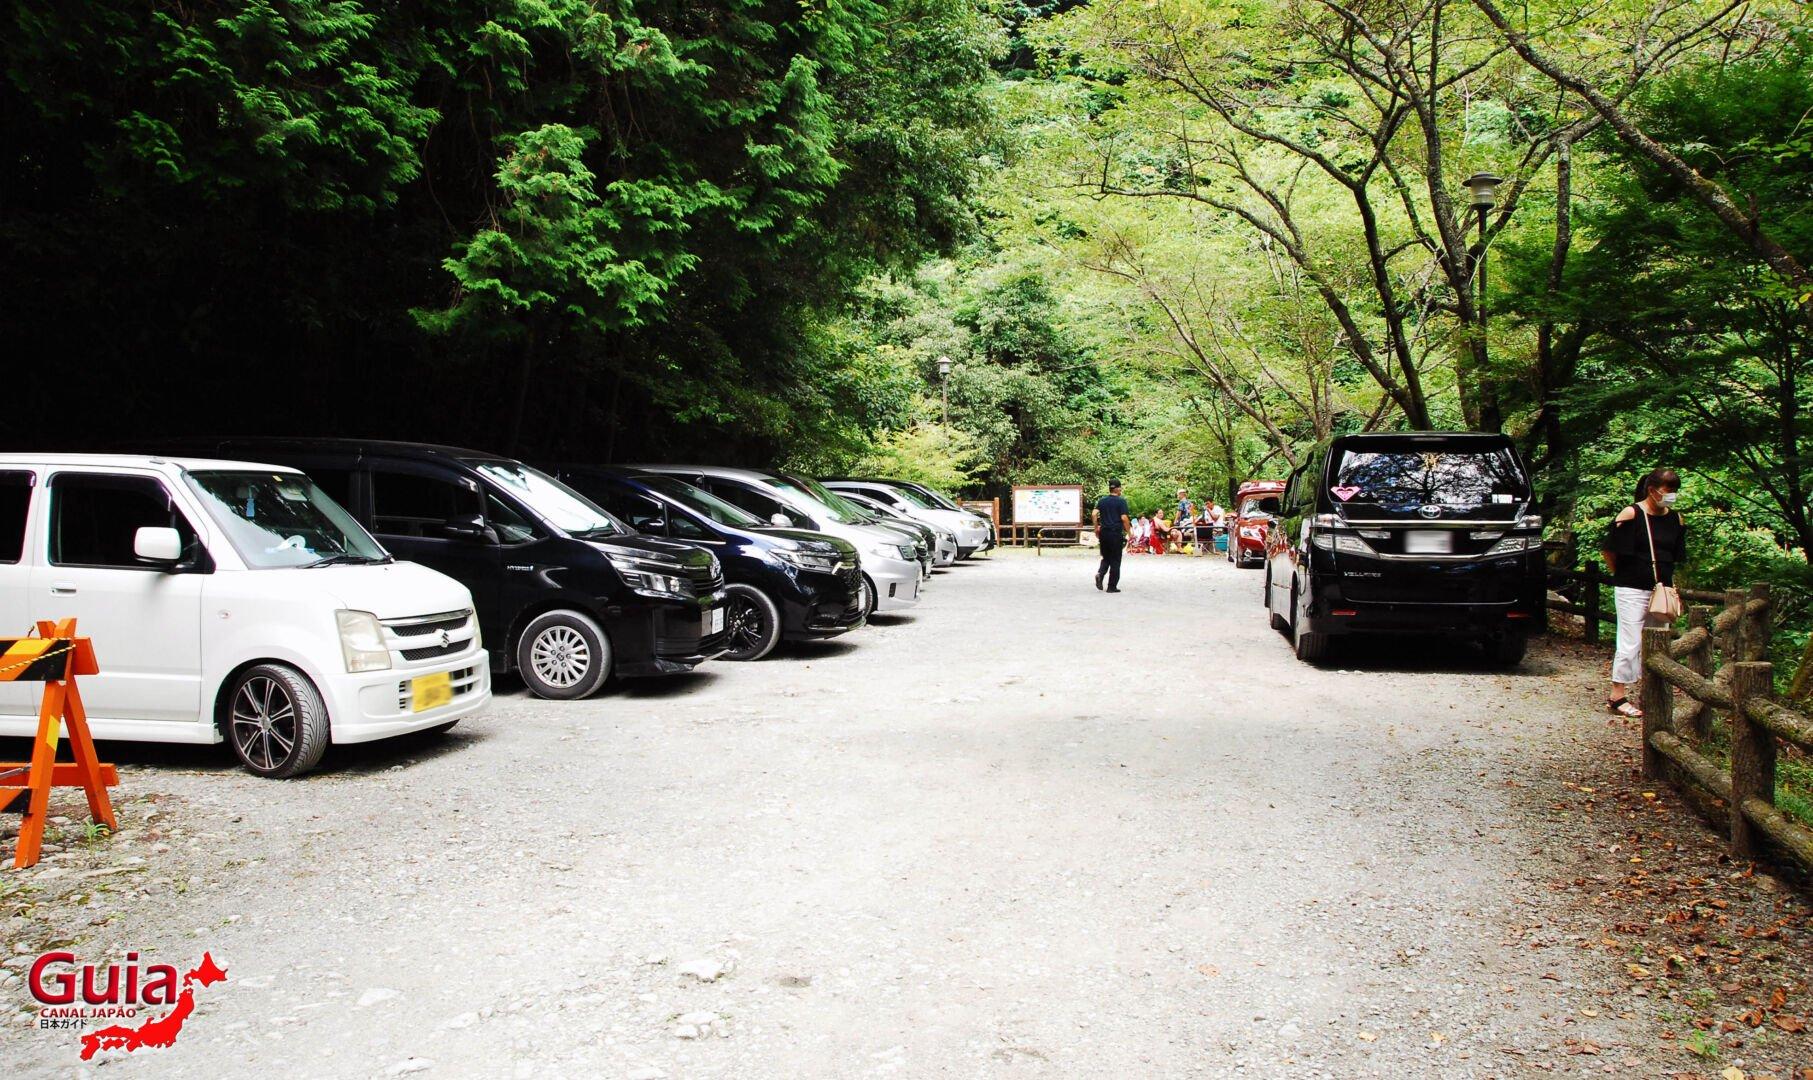 Cachoeira Sengen - 仙厳の滝 16